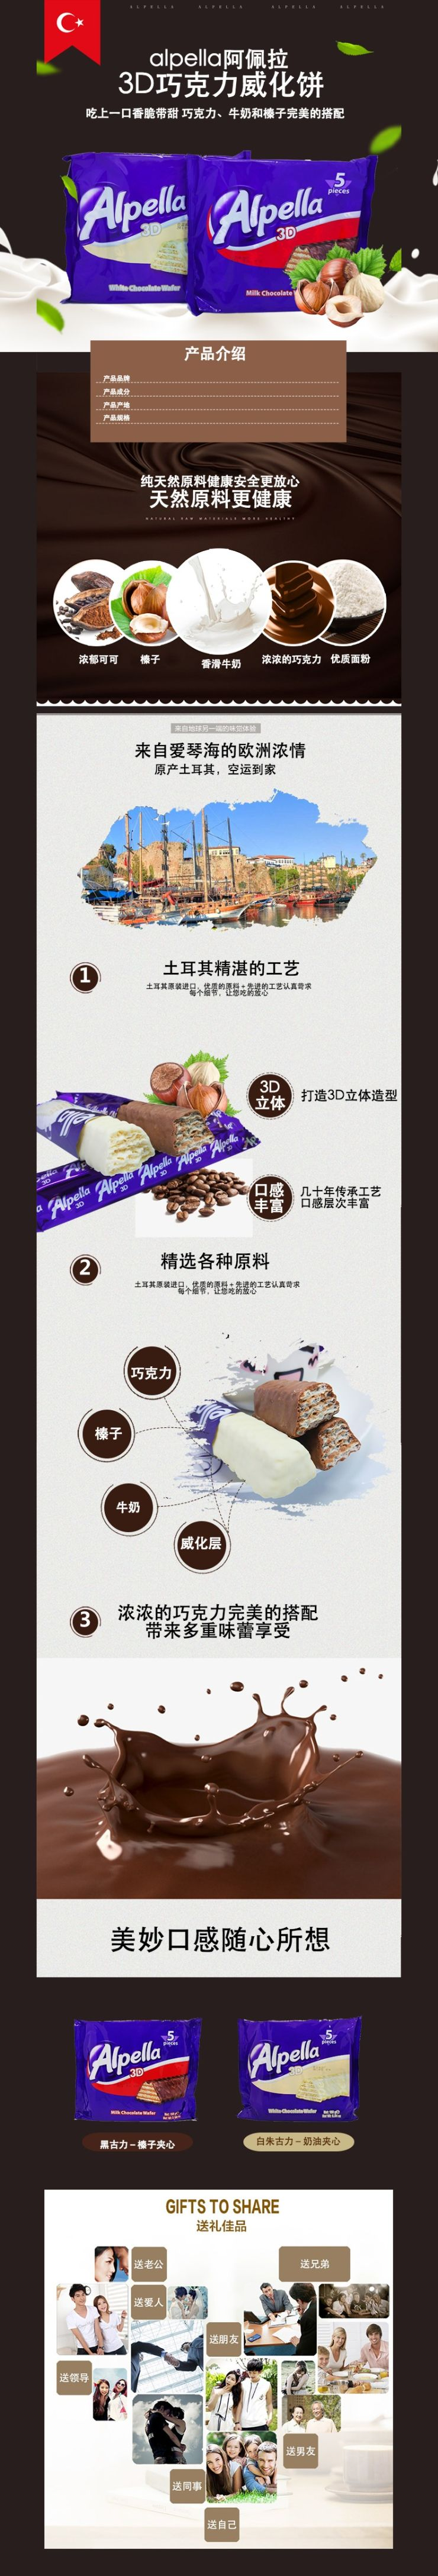 简约时尚零食巧克力威化饼电商详情图